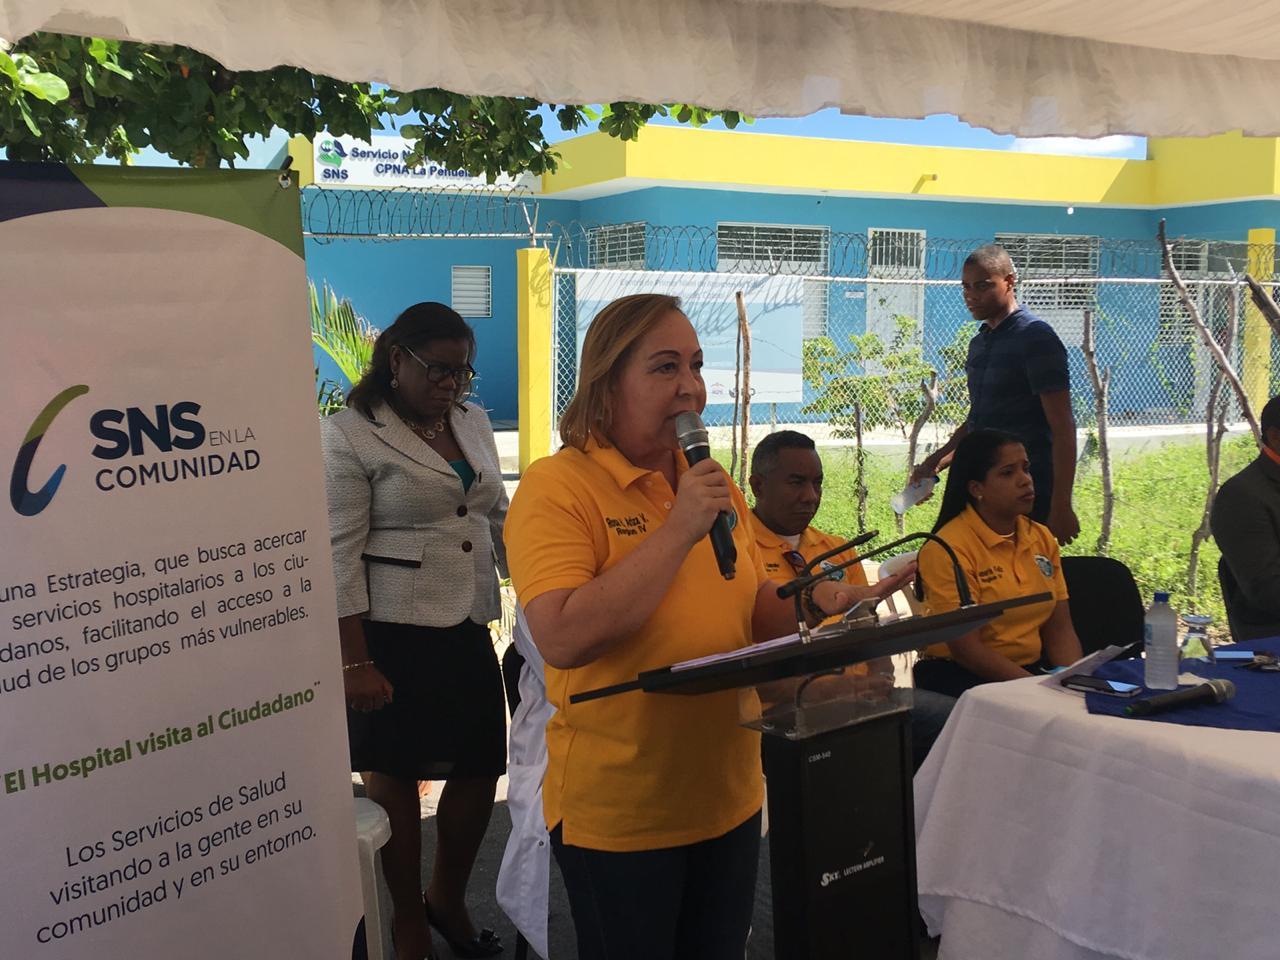 """SRSEN da apertura   a """"SNS en la Comunidad"""" en Cabral, Tamayo, Duvergé y otros municipios"""